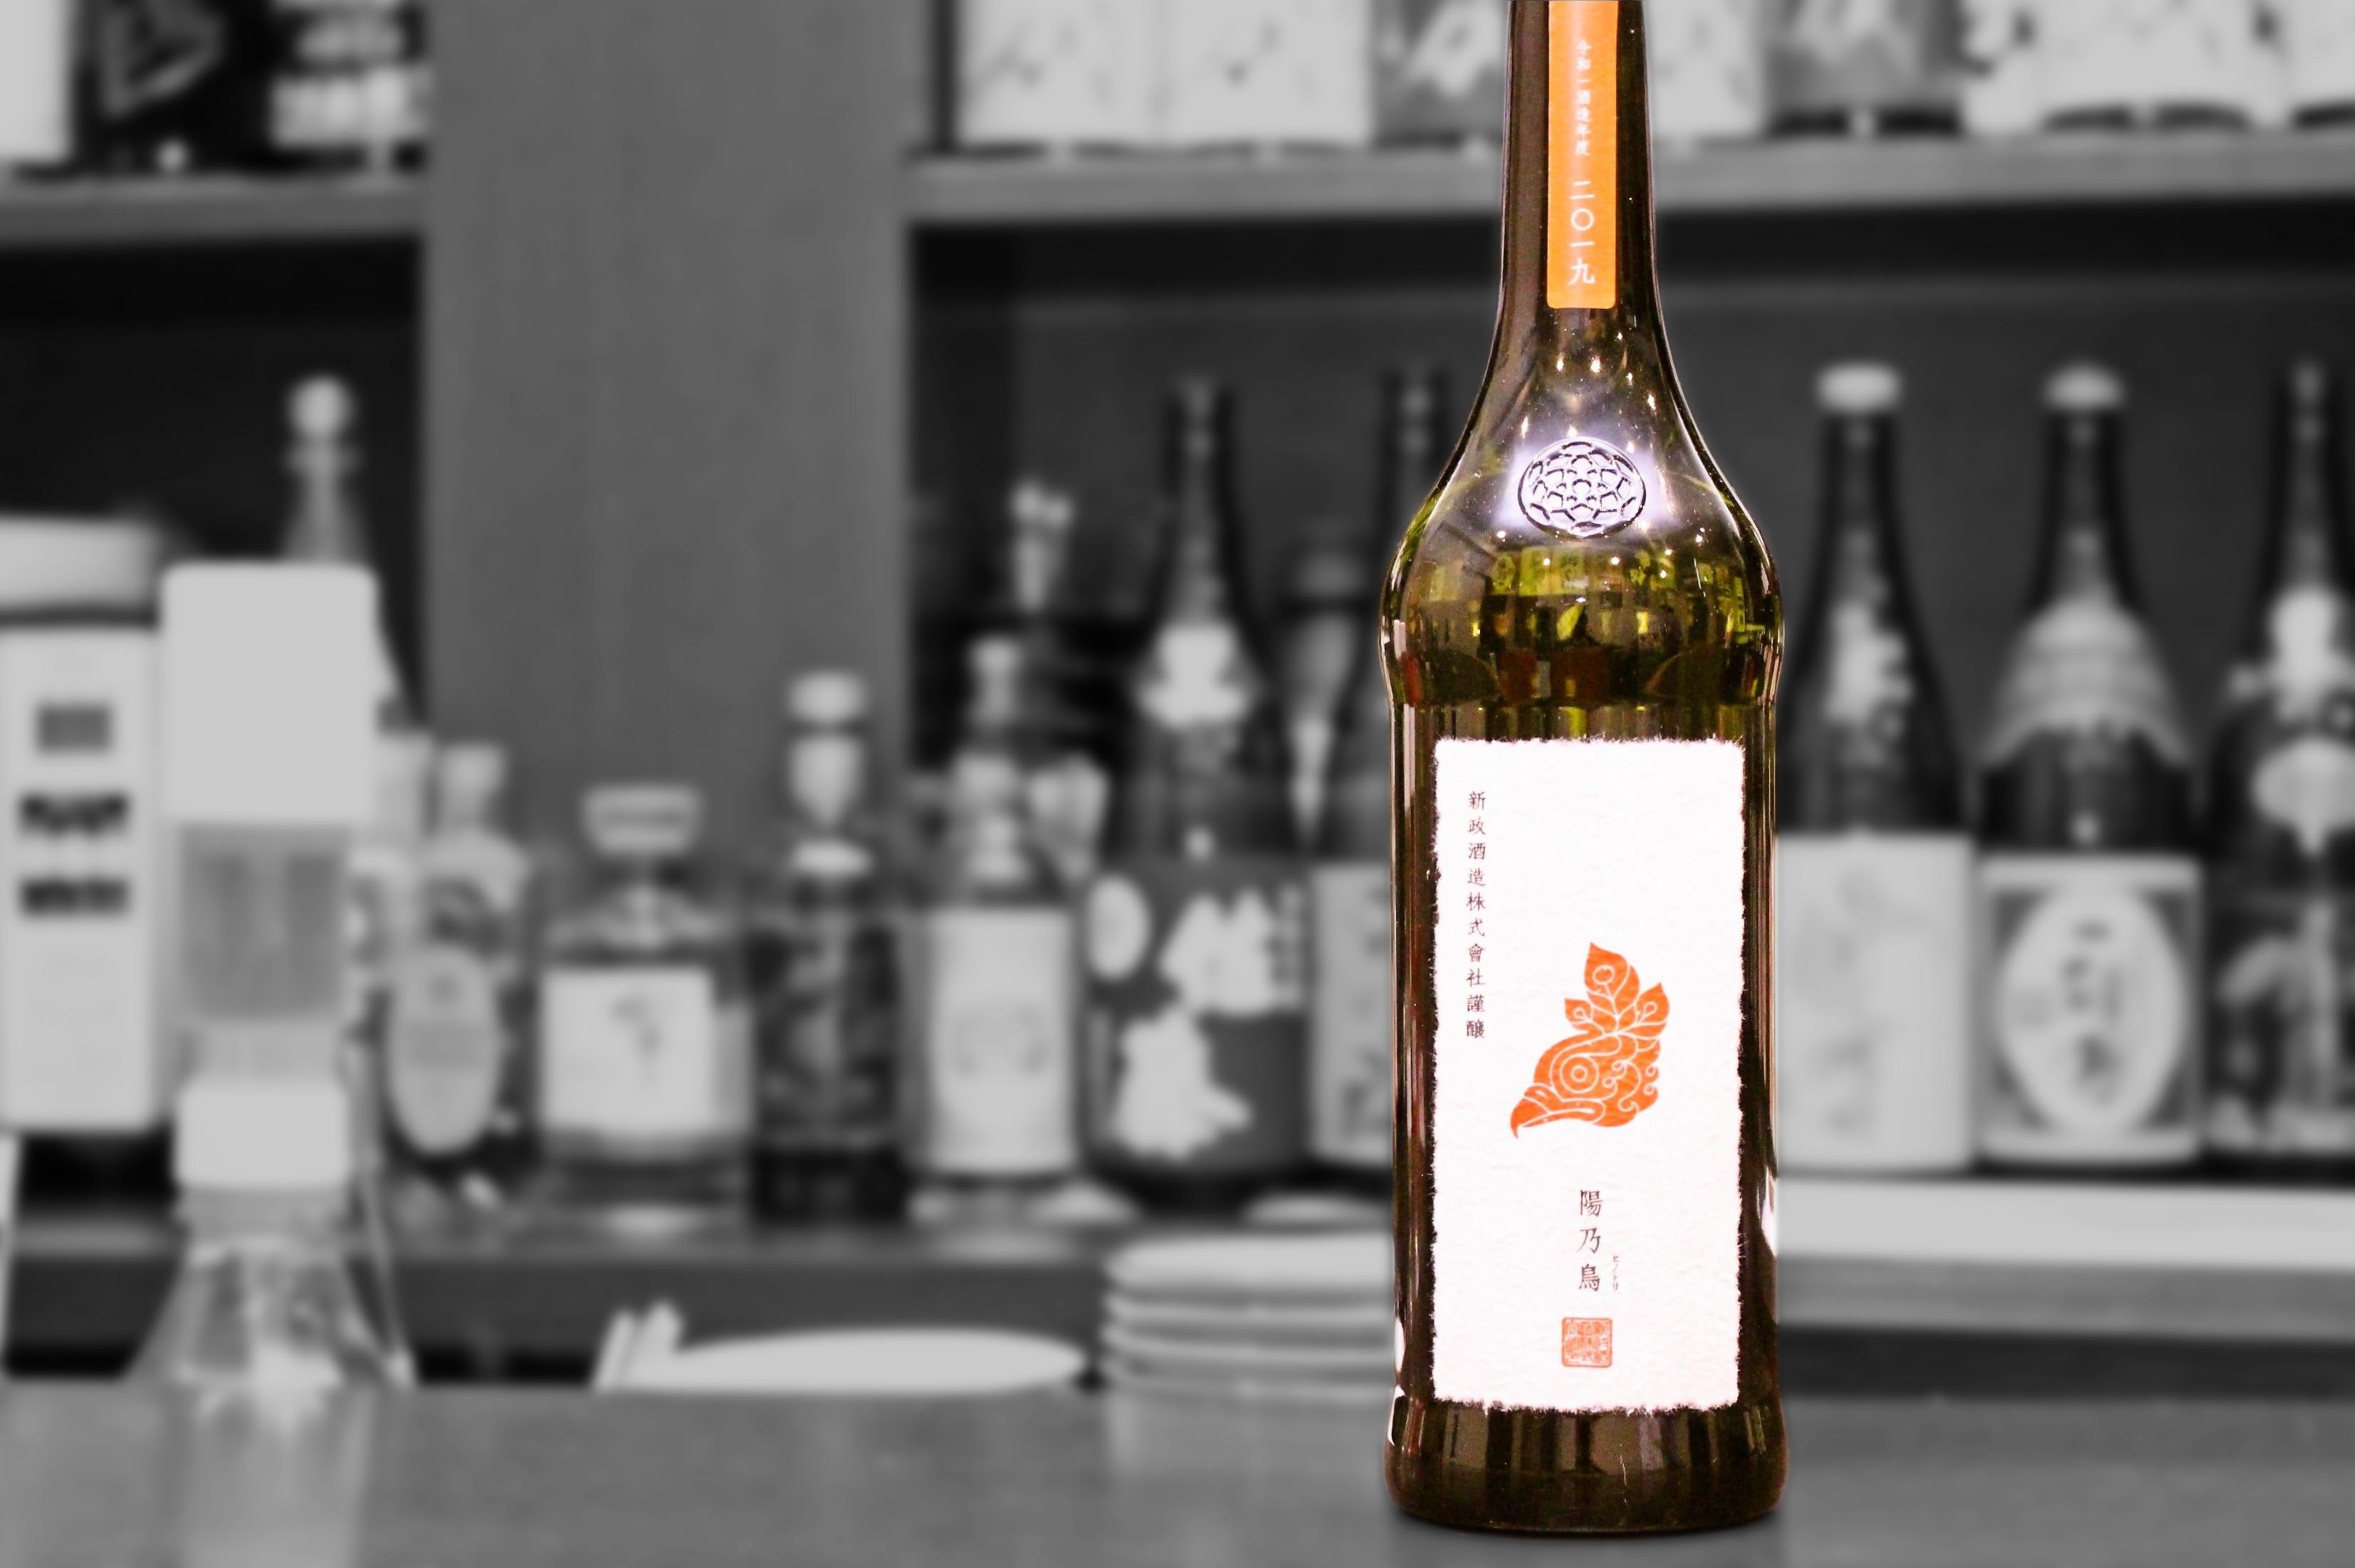 新政陽乃鳥貴醸酒202003-001